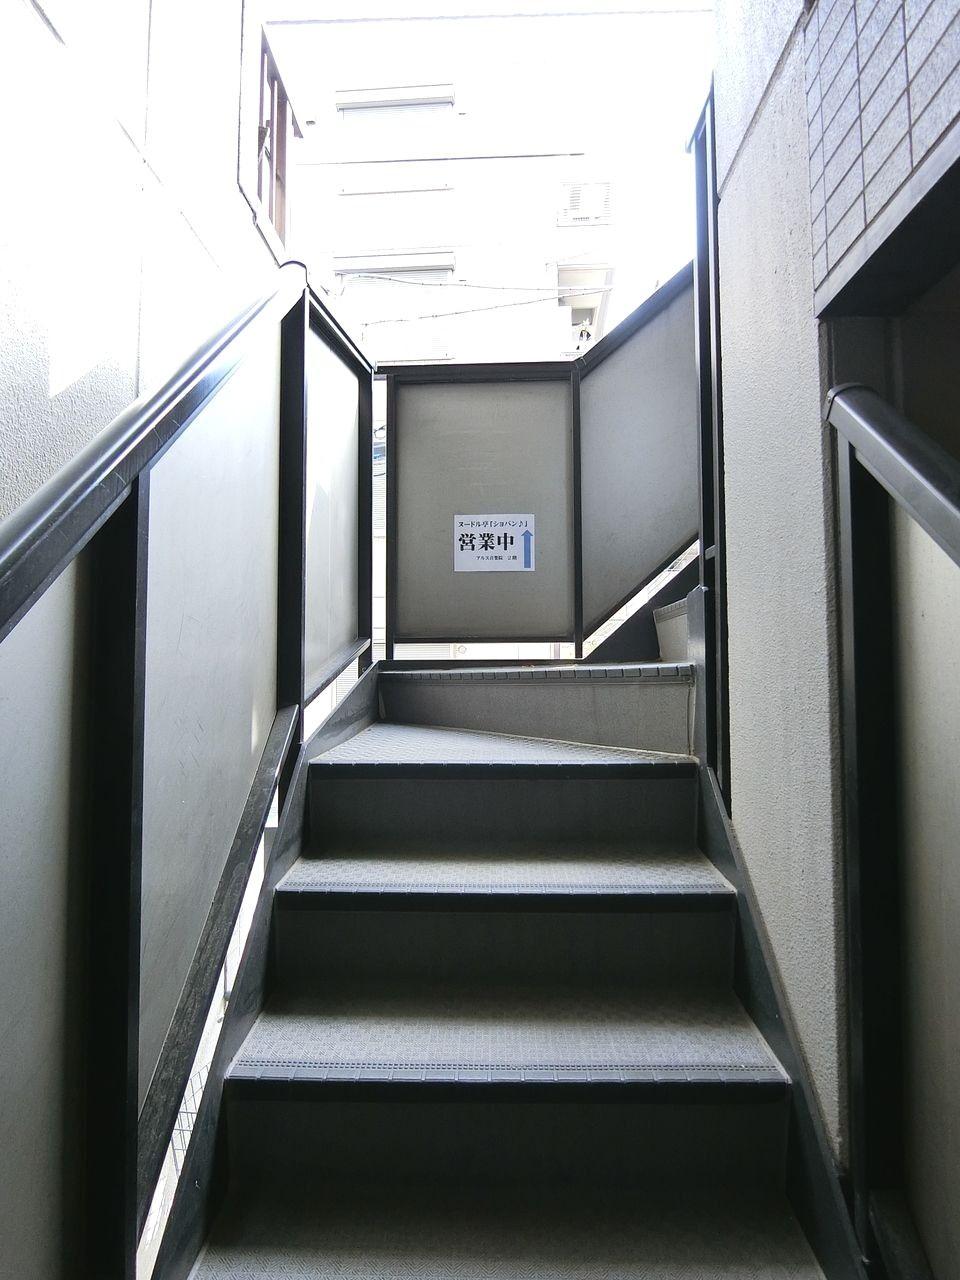 板橋区本町のヌードル亭ショパン